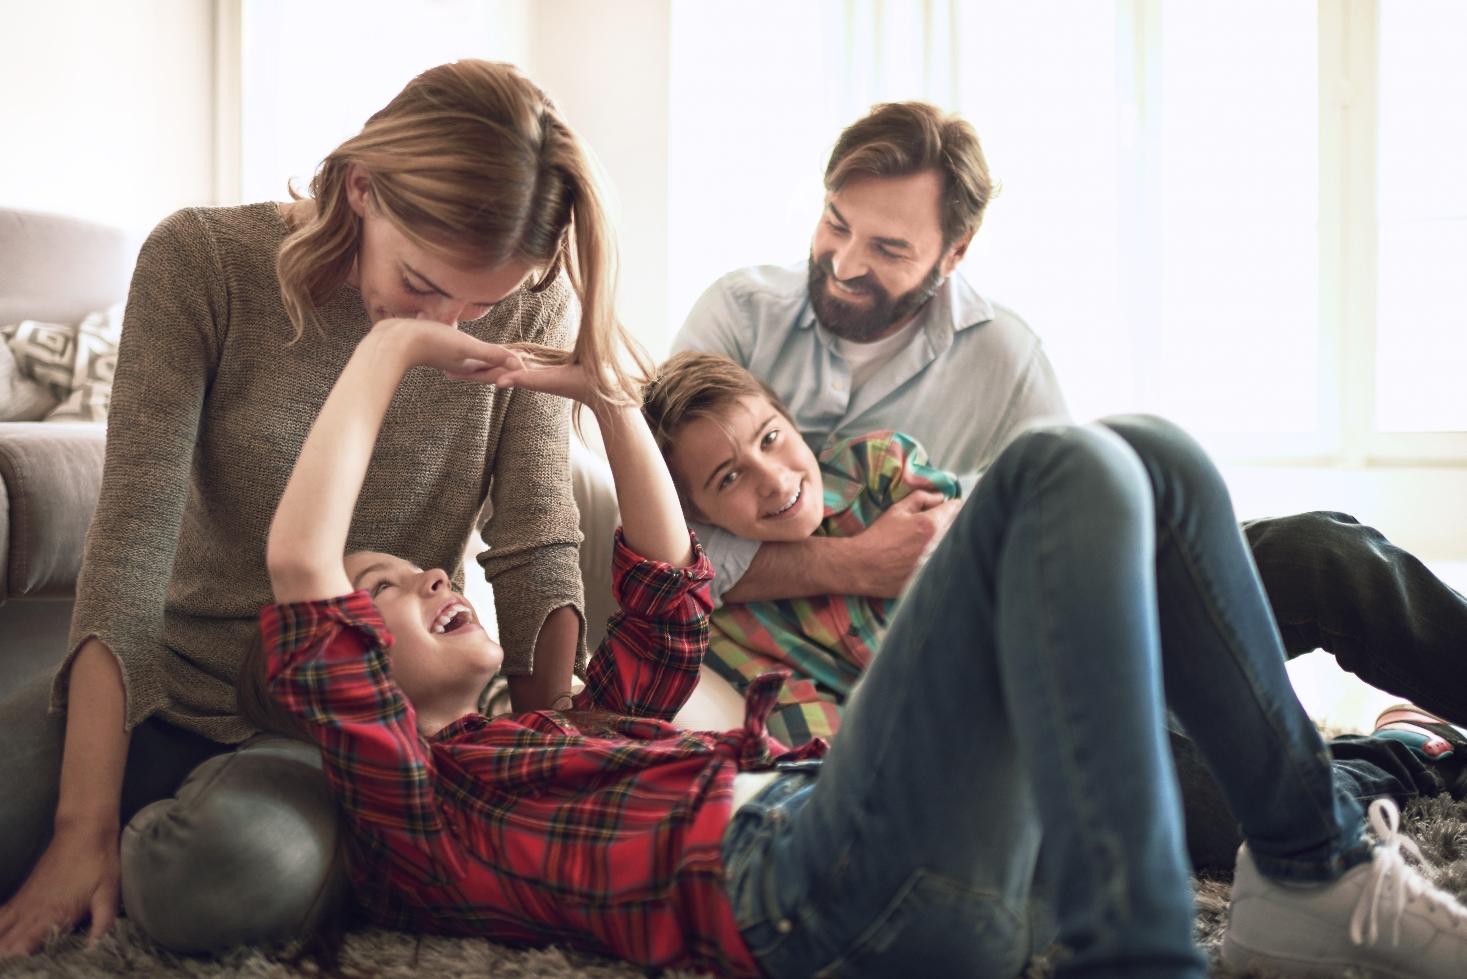 SFR_SFR-Demultipliez-vos-avantages-avec-sfr-family_16012019_BLOG-SFR-sfr-family_003.jpg